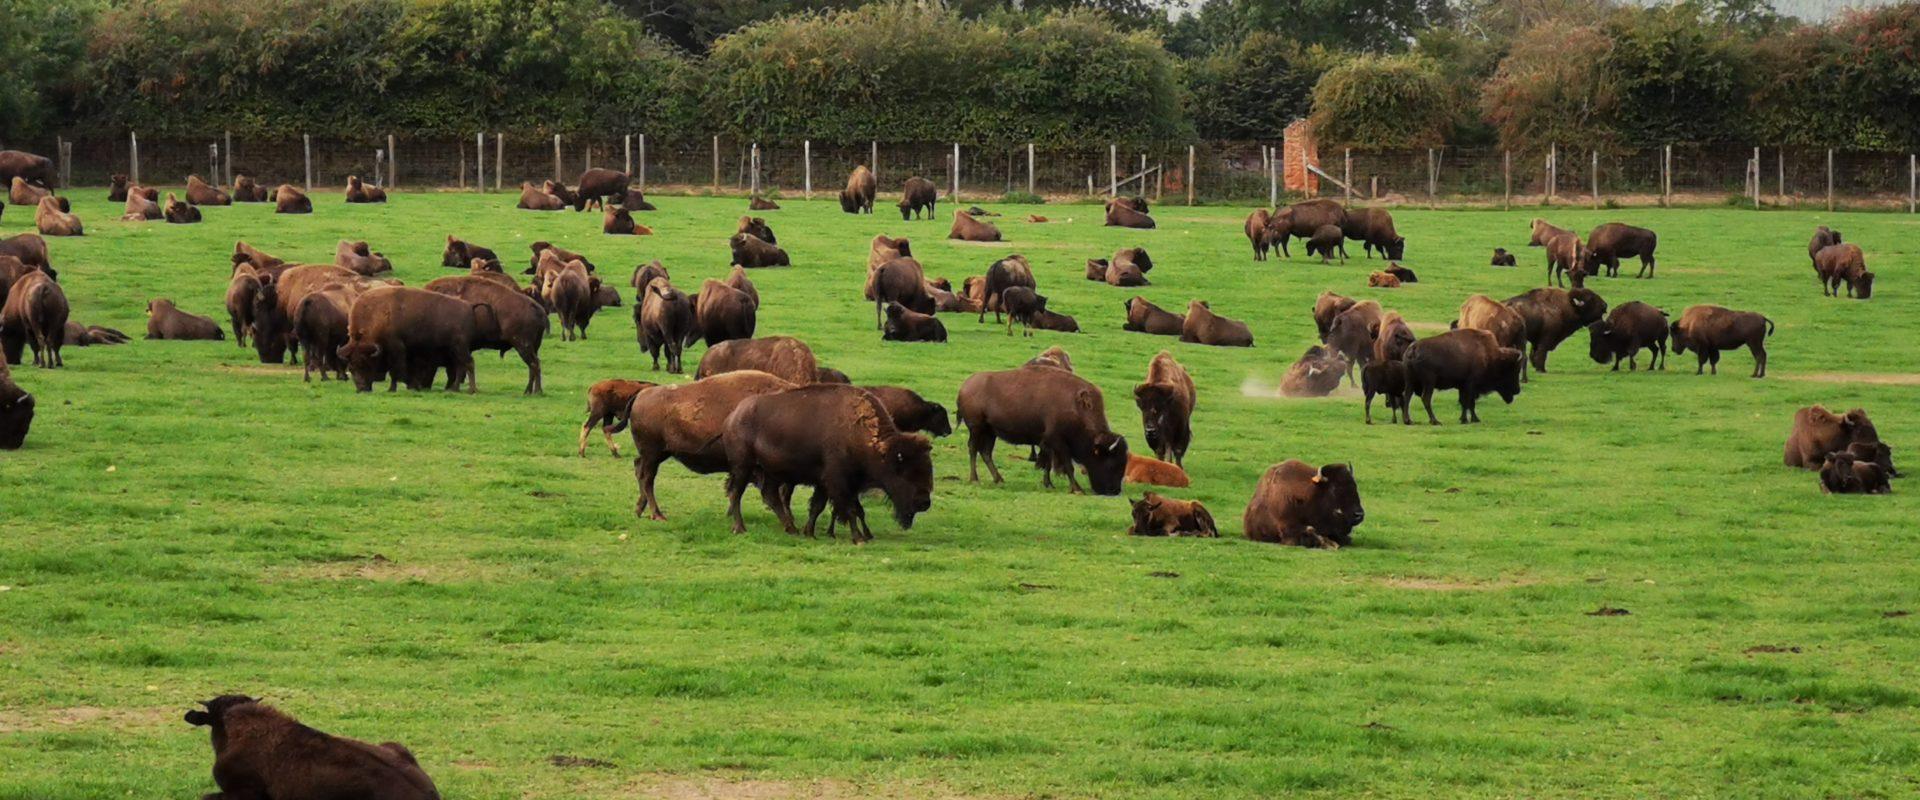 Rêve de bisons (57 km/autoroute)